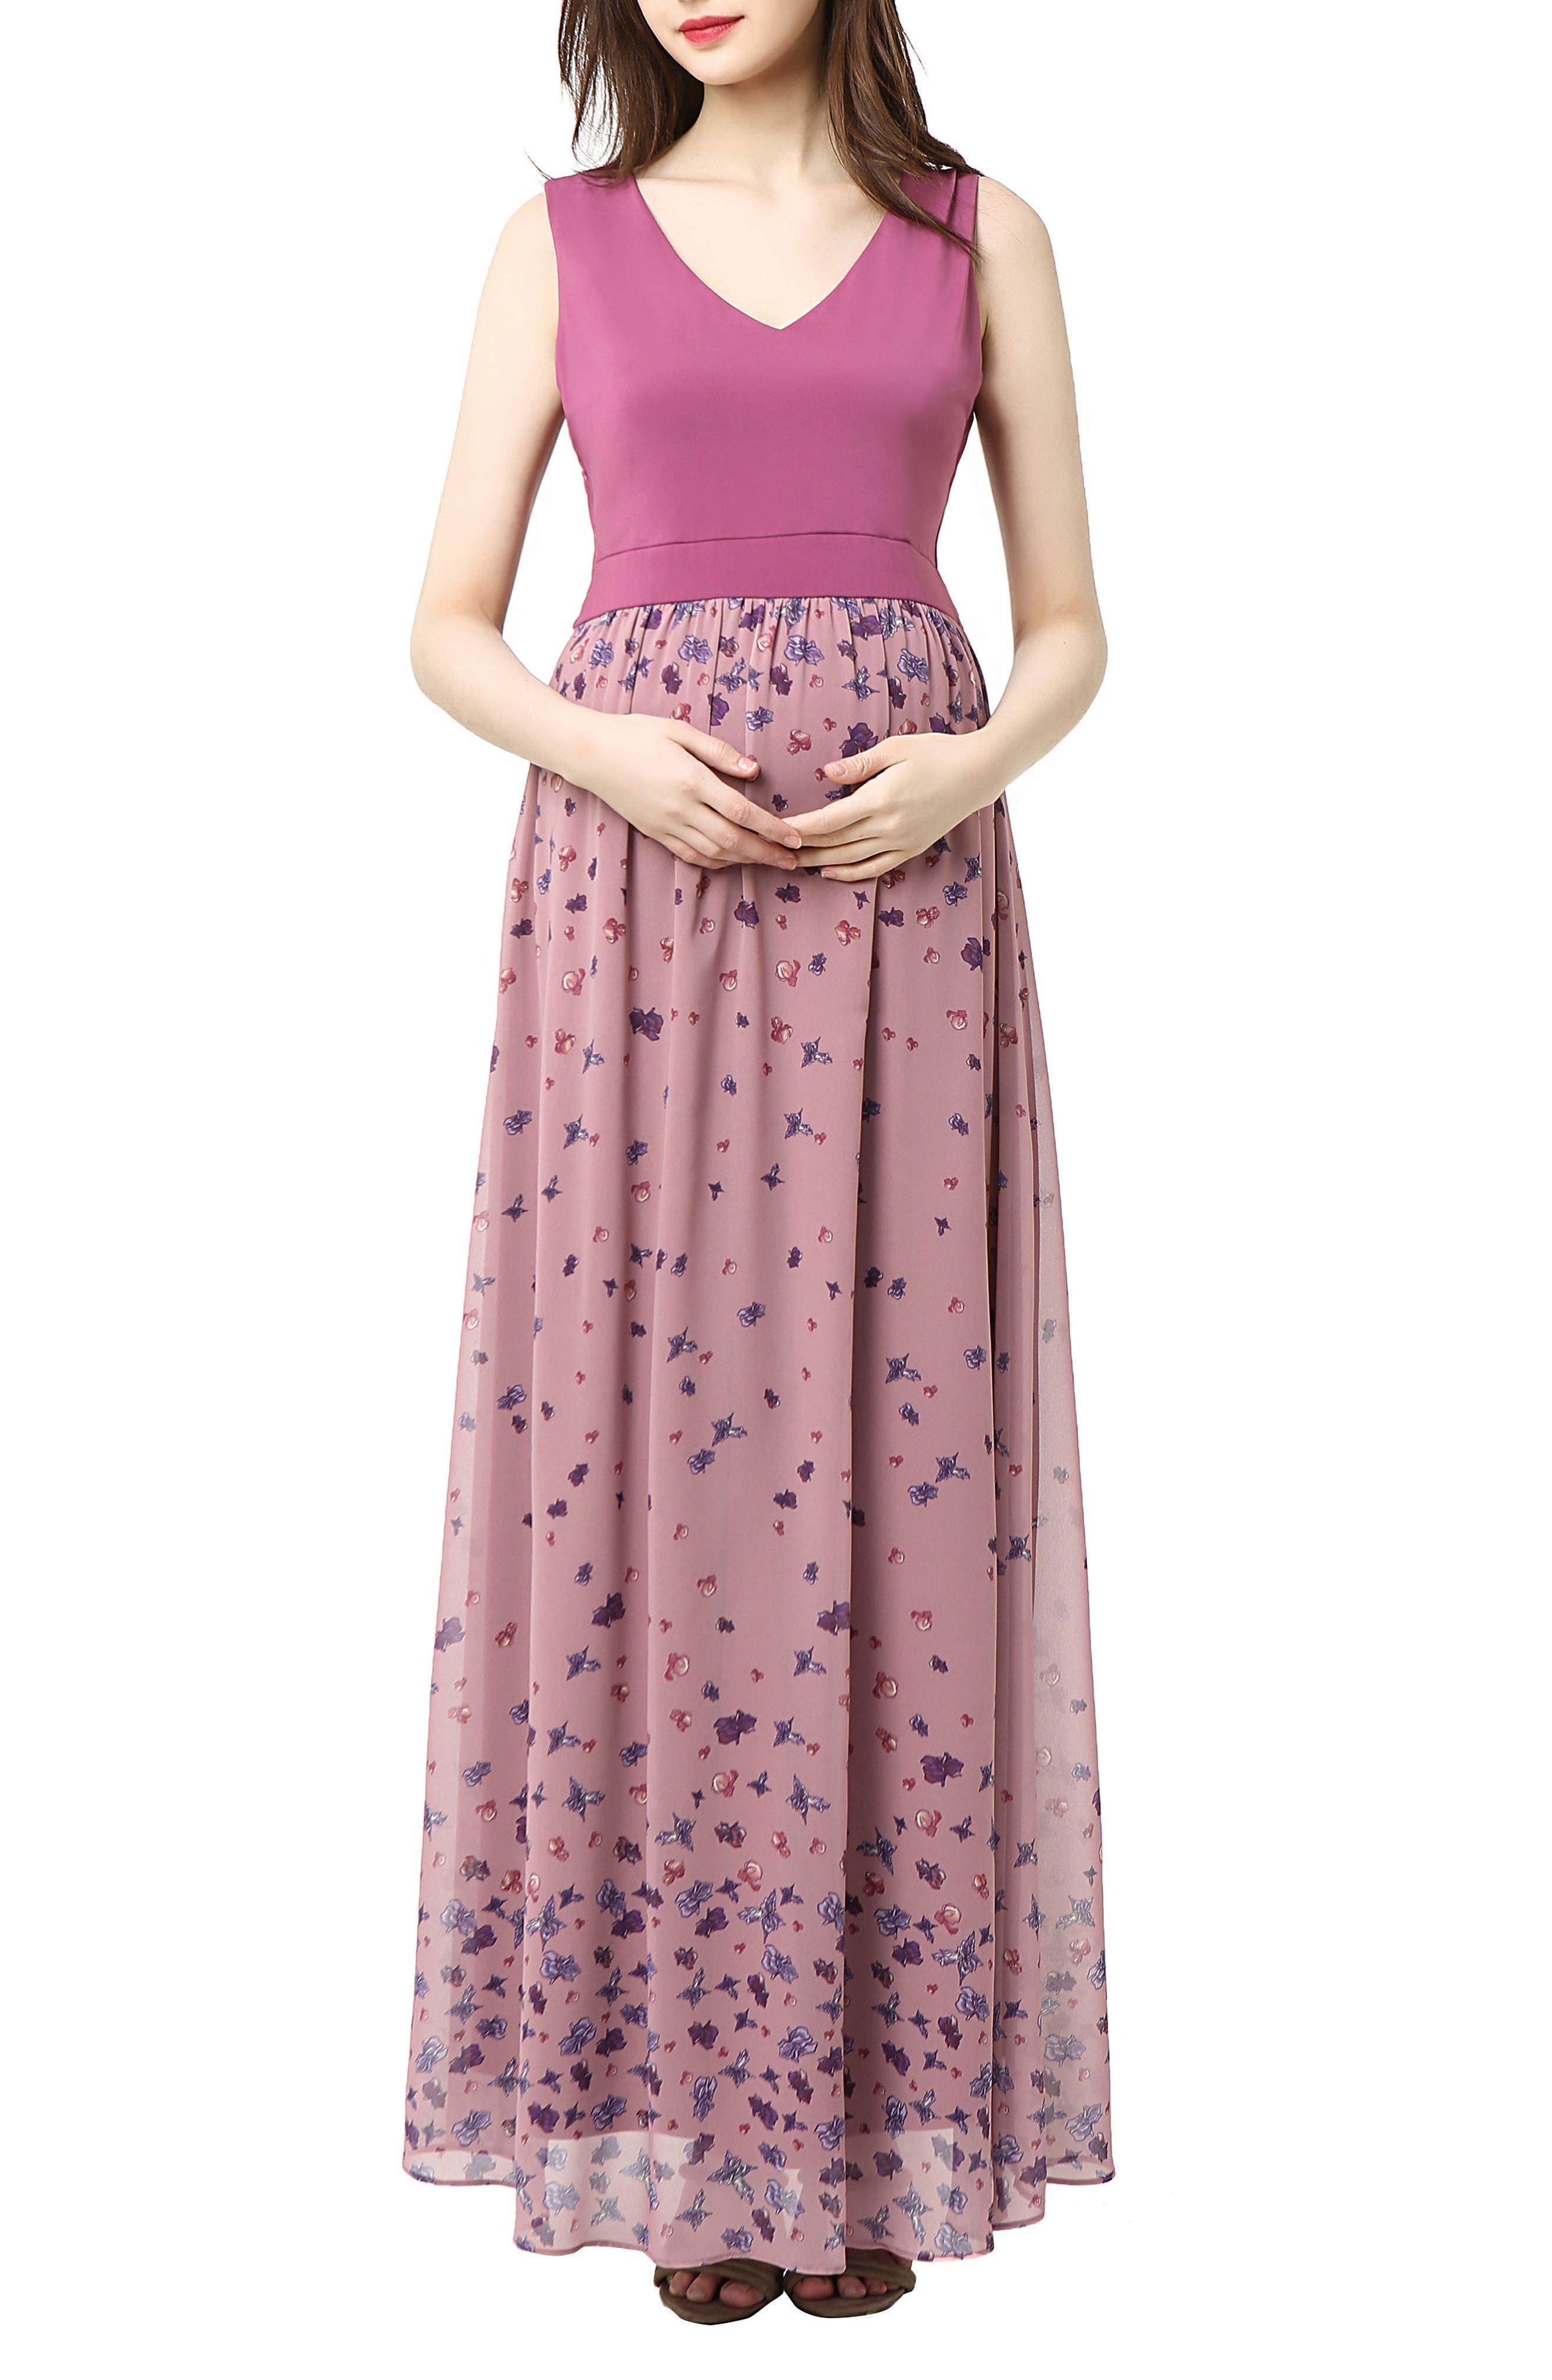 Armanda Maternity Maxi Dress,                             Main thumbnail 1, color,                             ROSE PINK